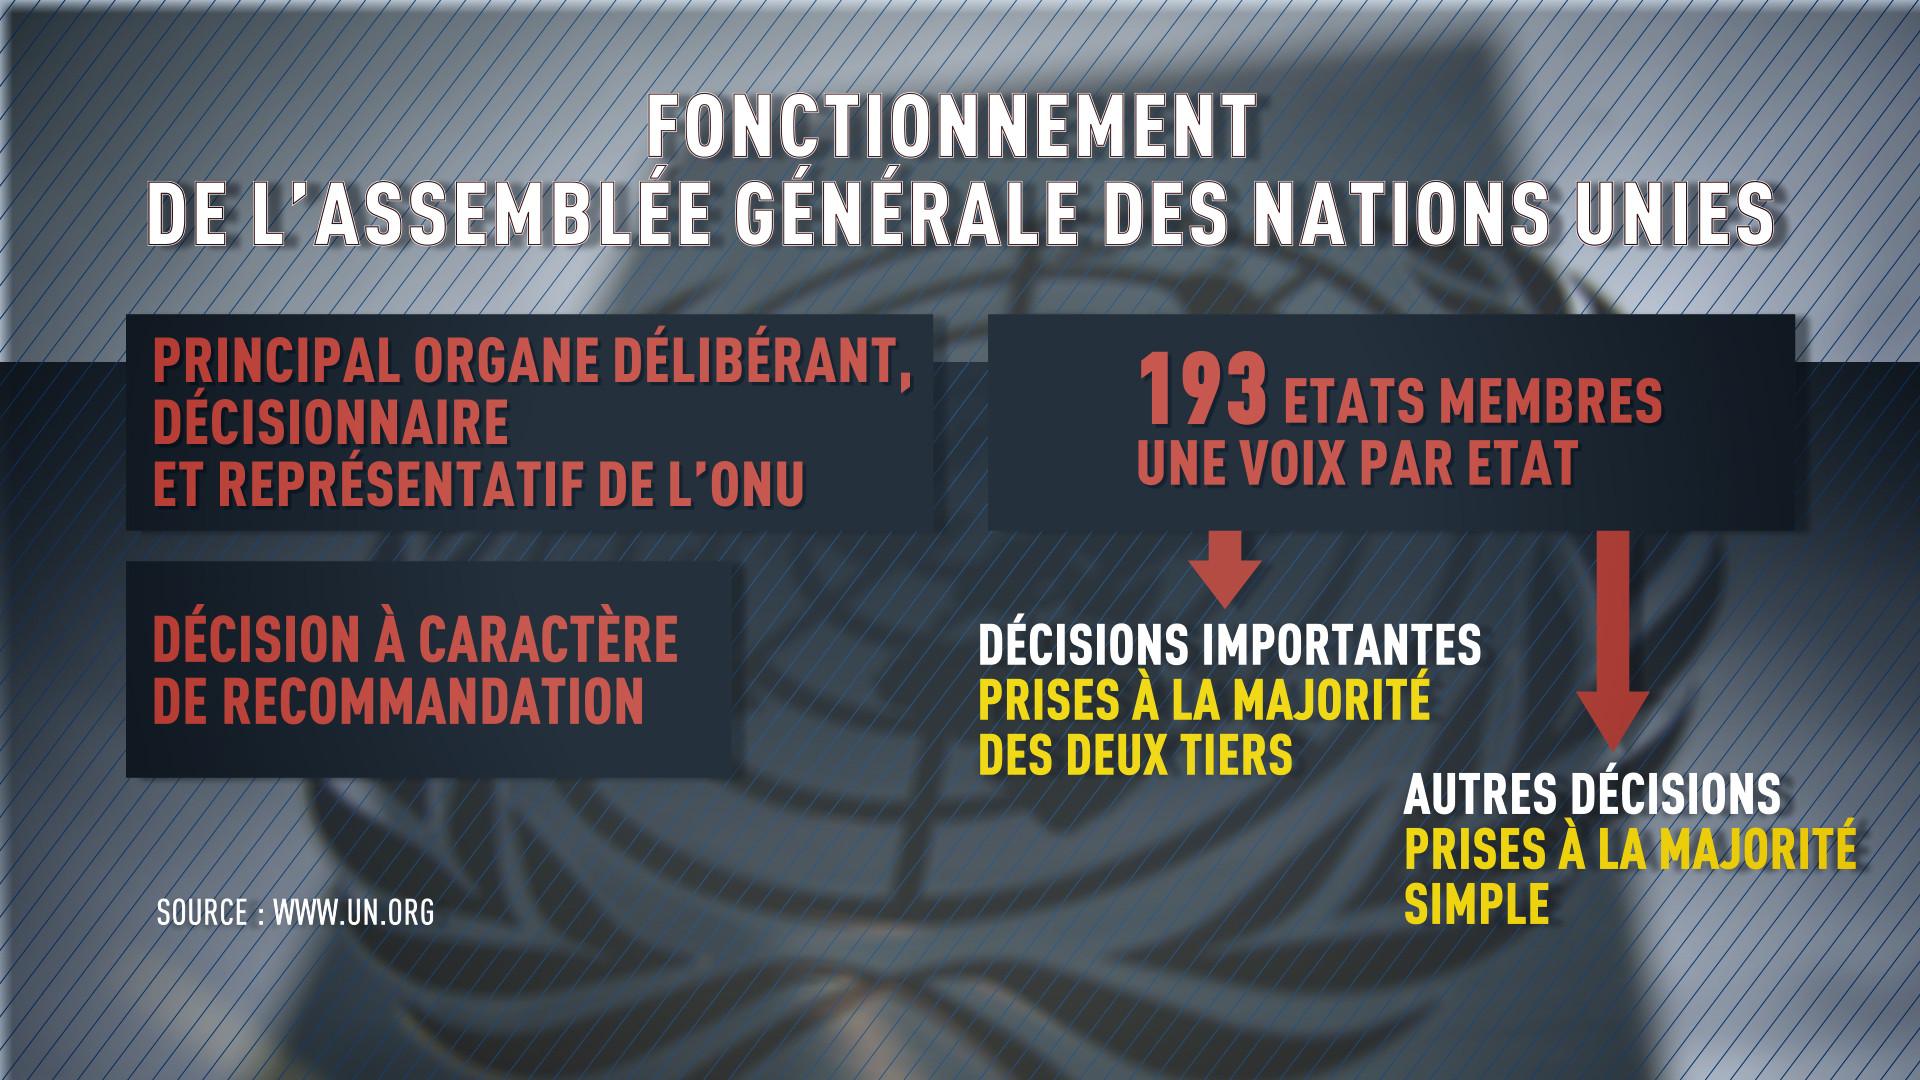 Assemblée générale de l'ONU : comment ça marche ?